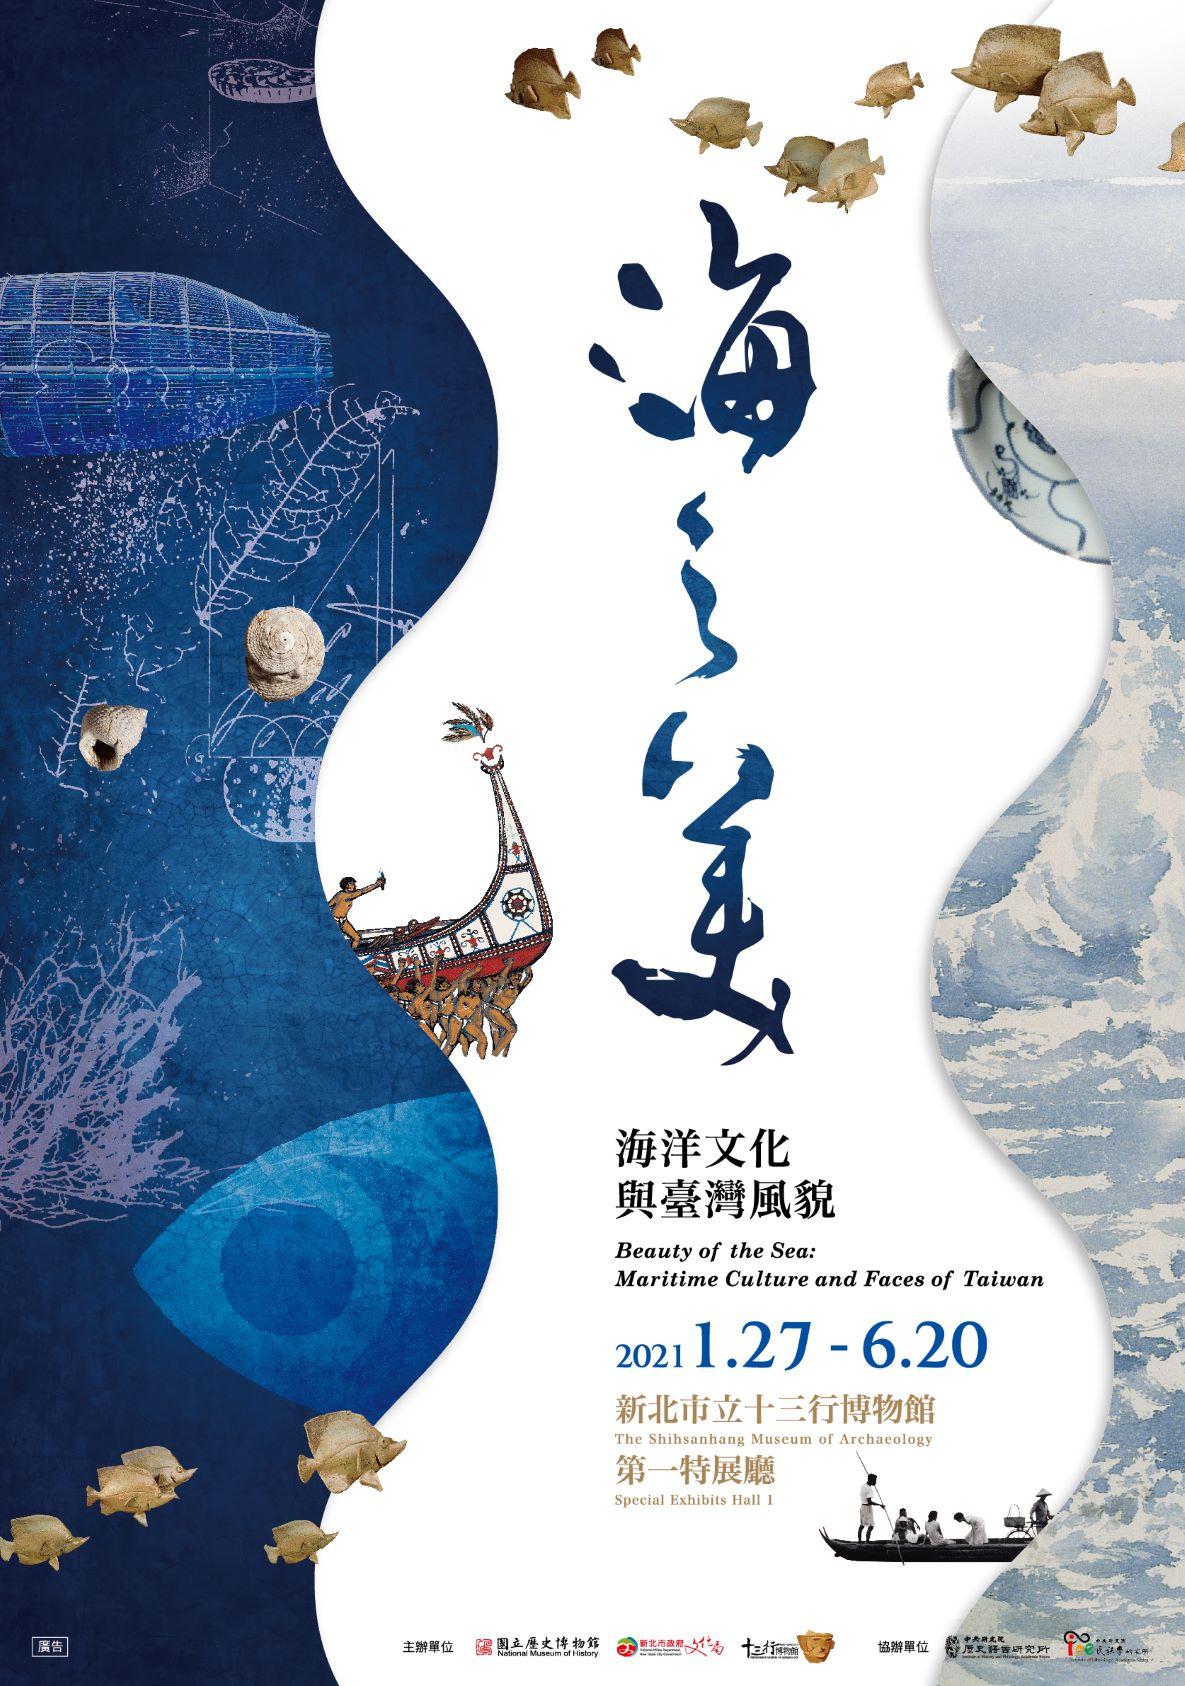 海之美─海洋文化與臺灣風貌特展,歡迎參觀